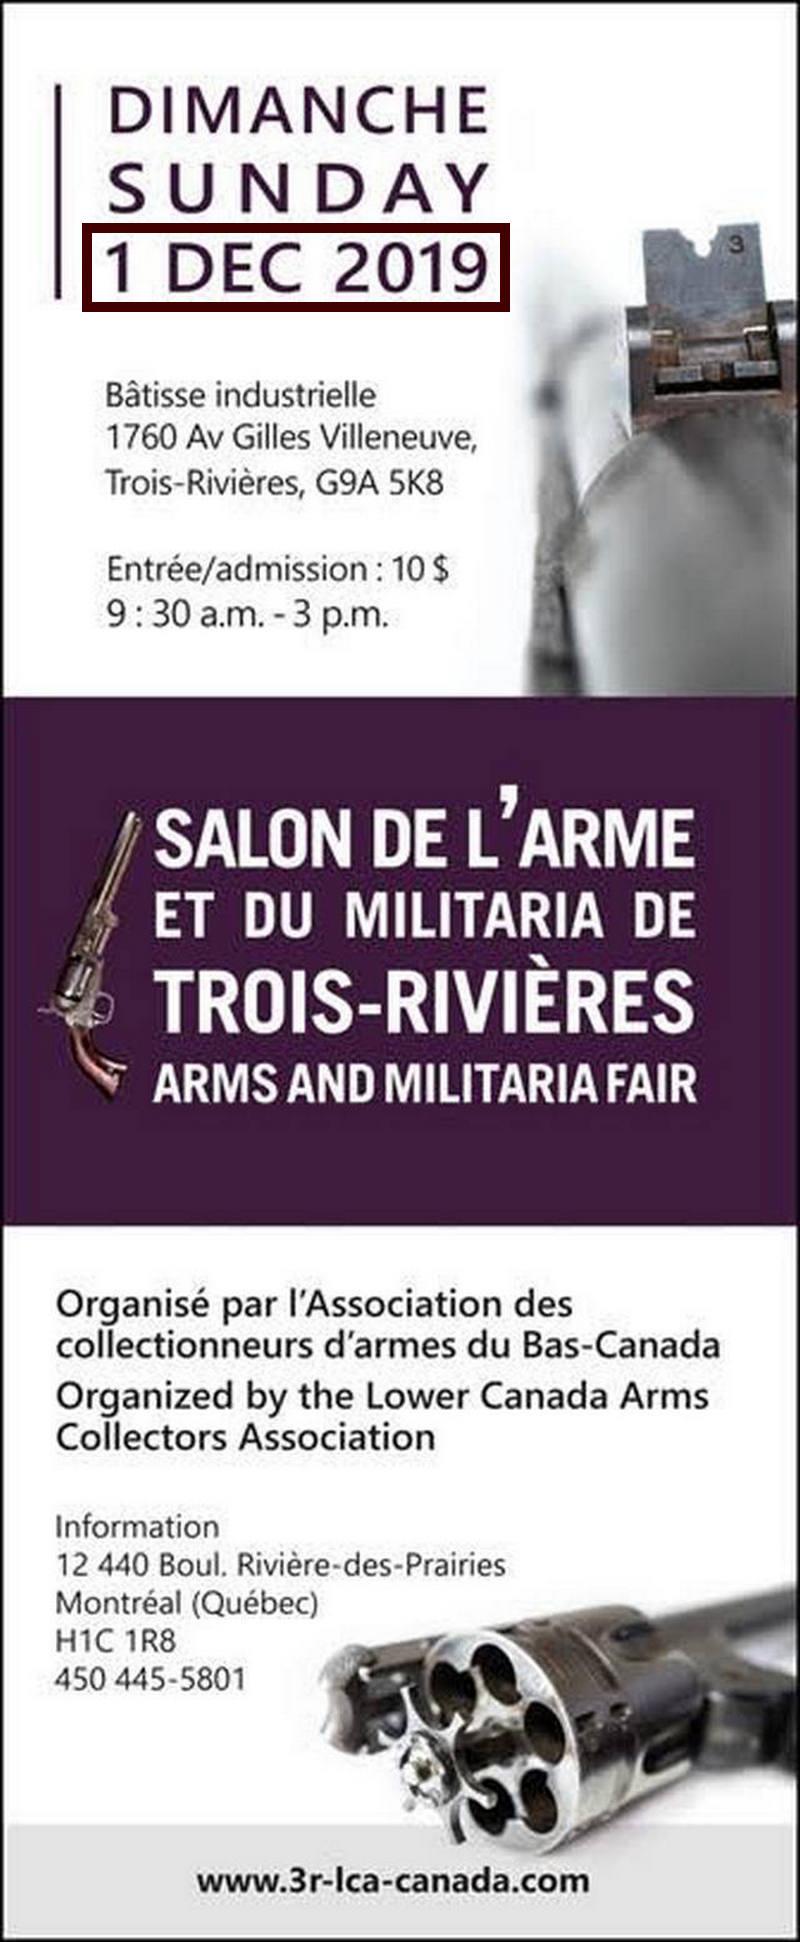 Salon de l'arme de Trois-Rivières dimanche 1er décembre 2019 Salon-10